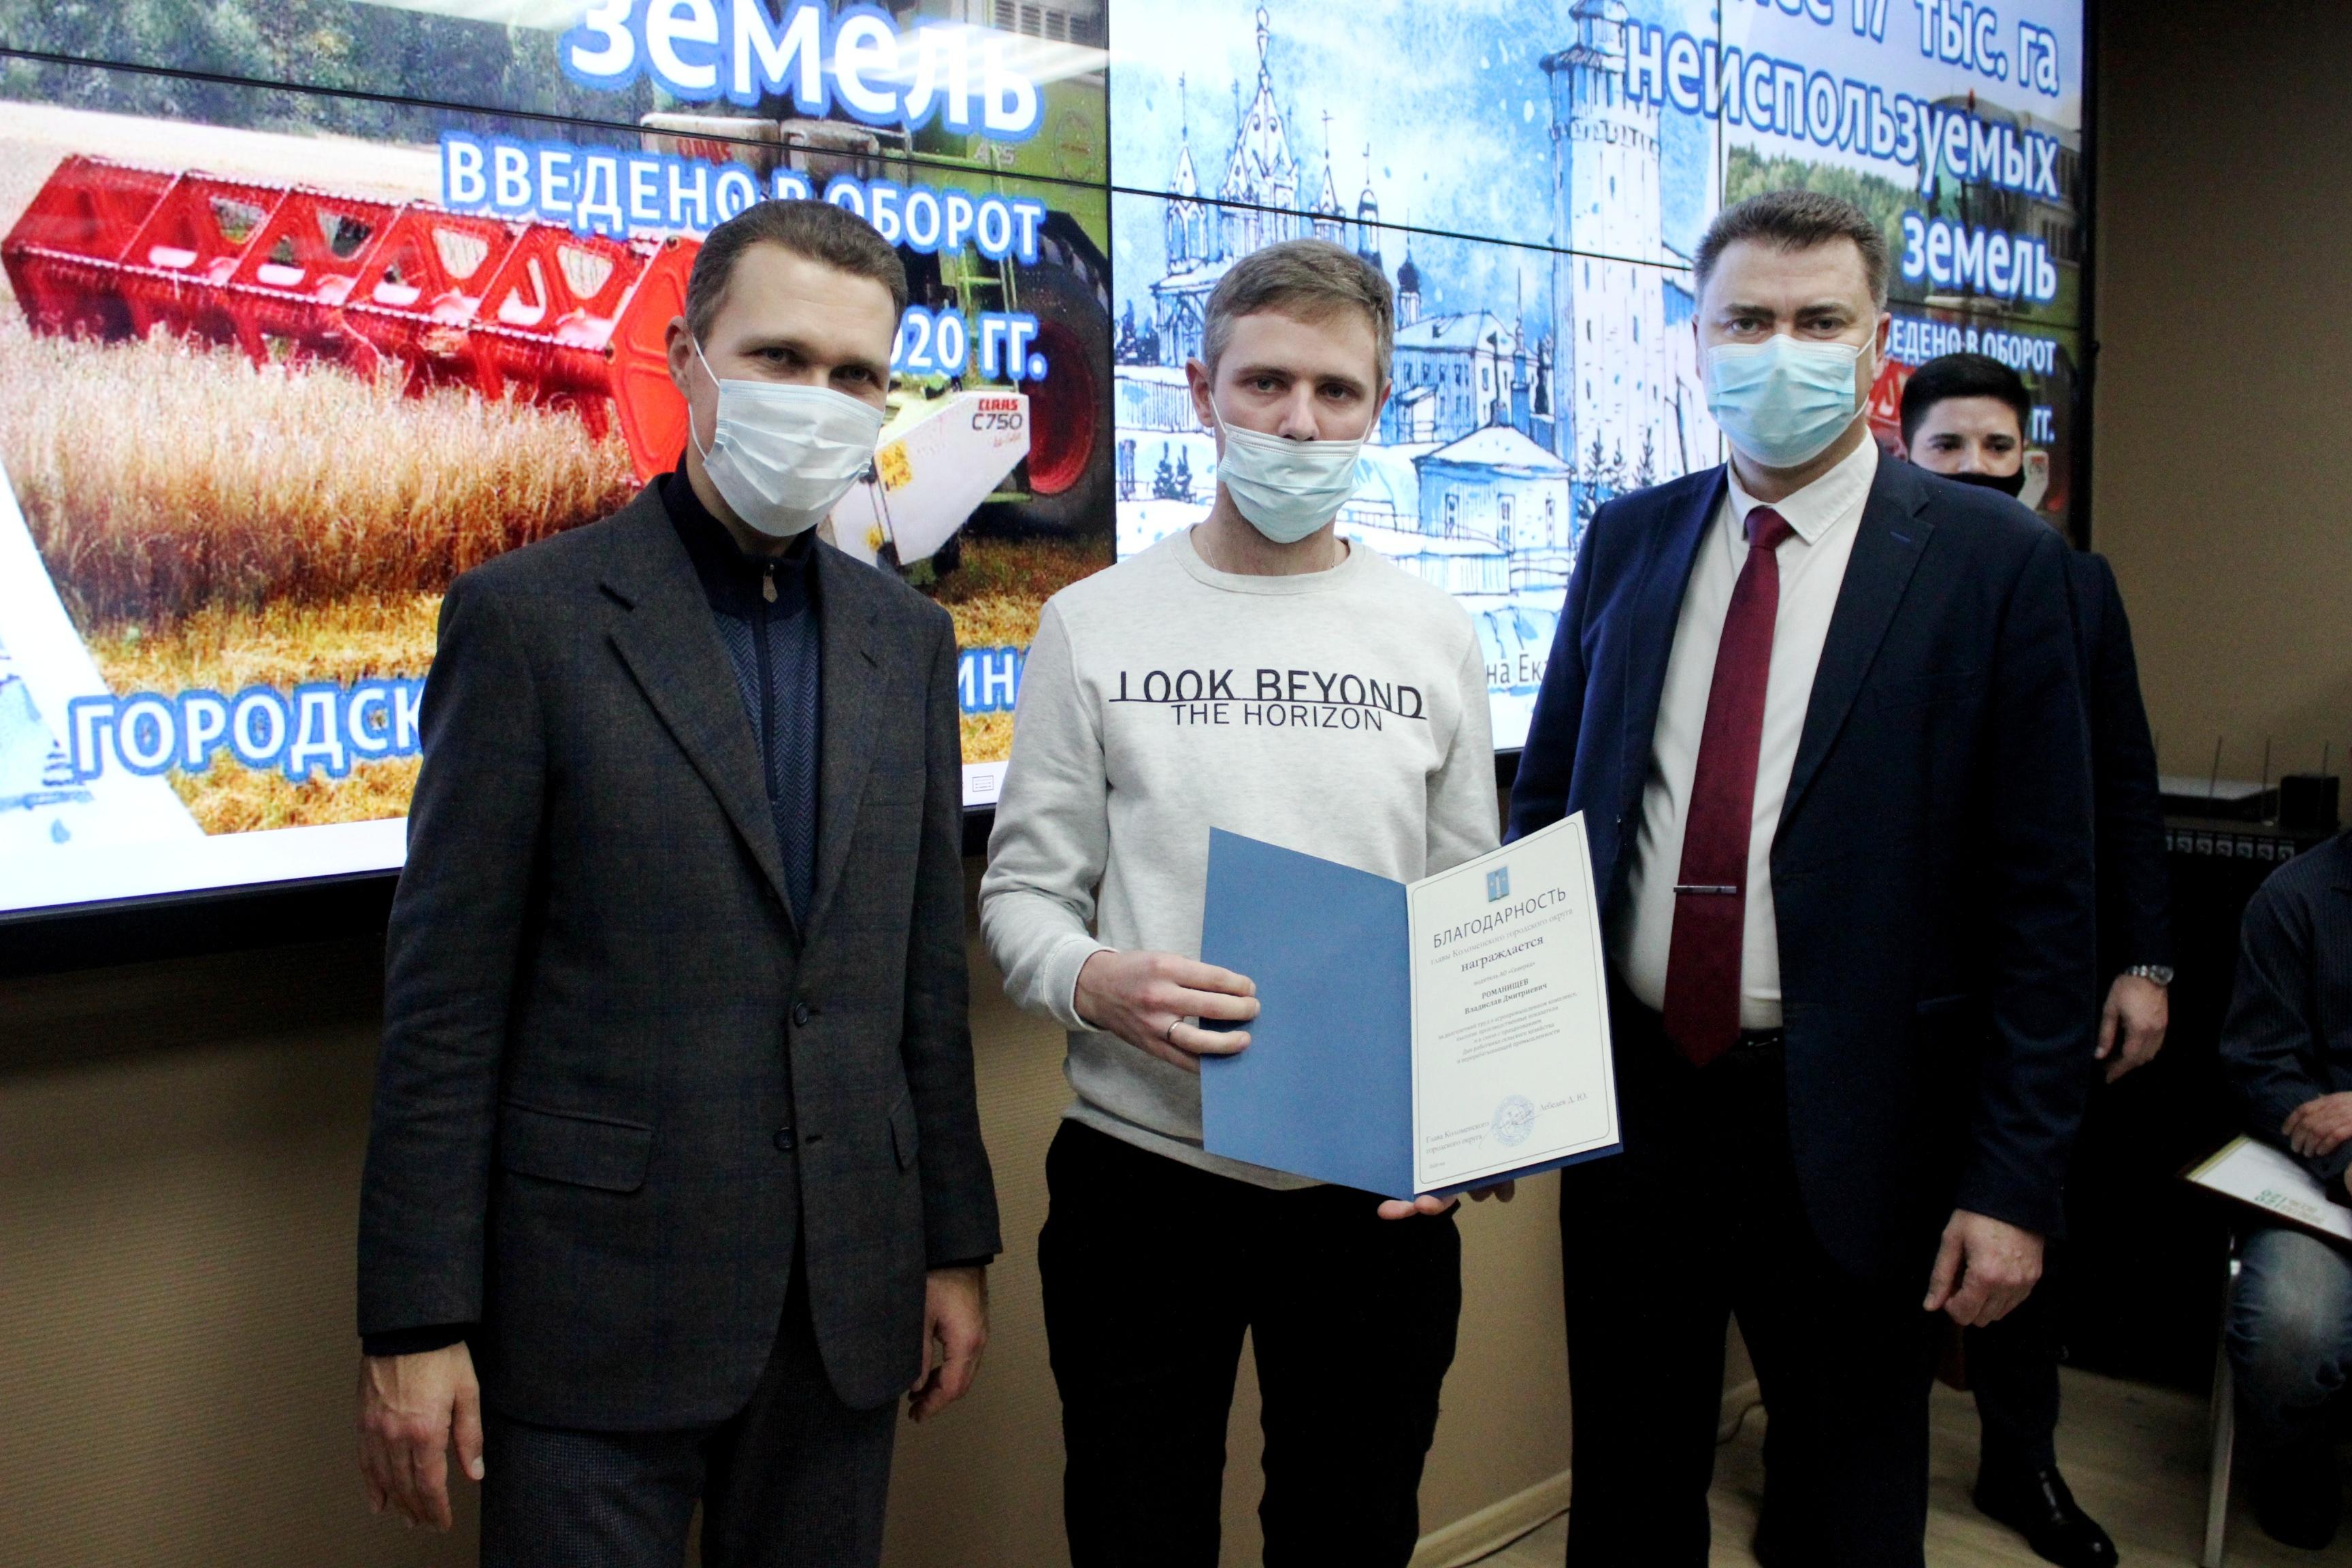 Первый зампред Мособлдумы Никита Чаплин наградил аграриев Коломны